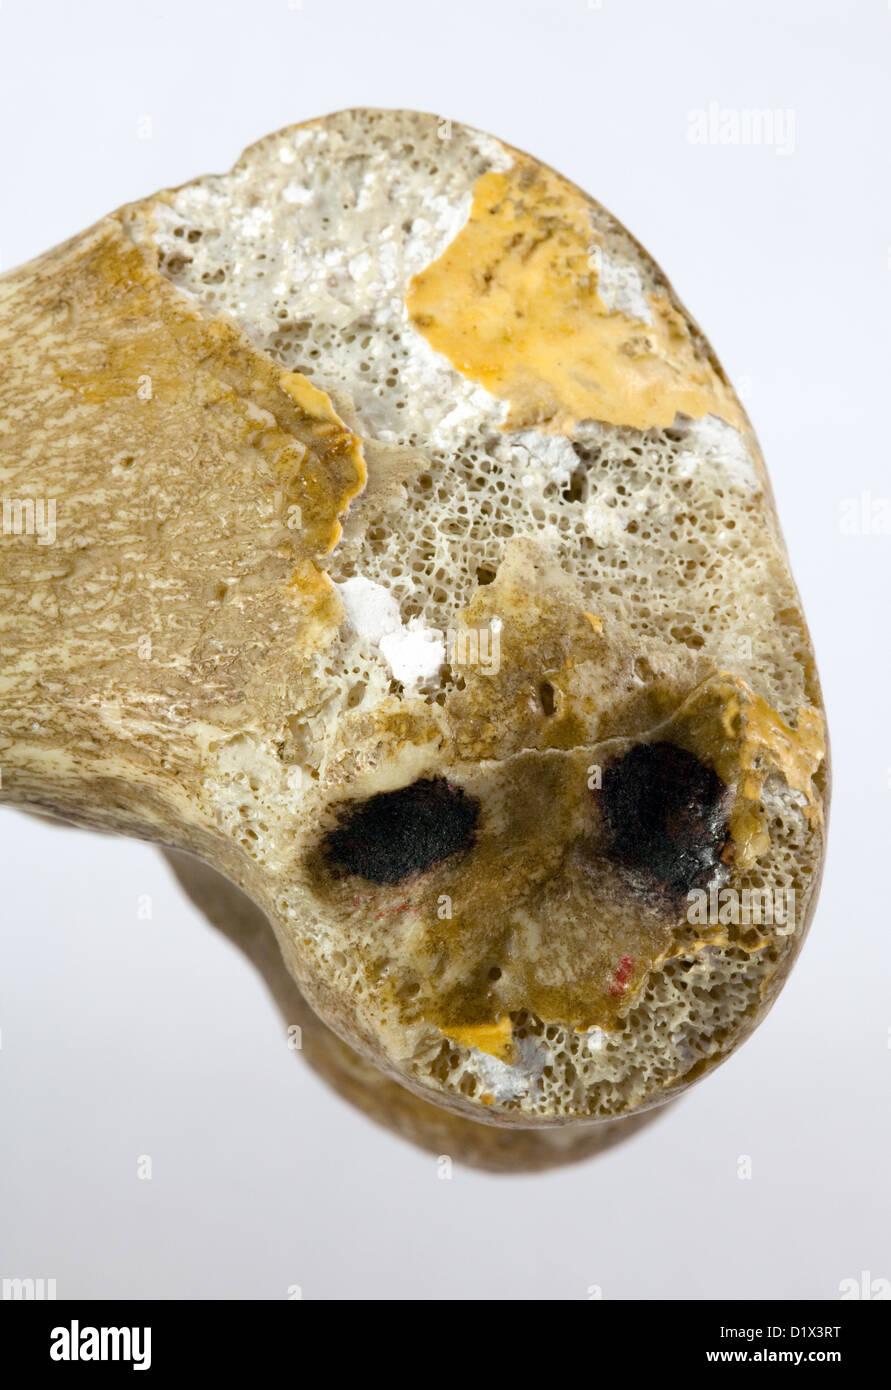 Real Bone Imágenes De Stock & Real Bone Fotos De Stock - Alamy